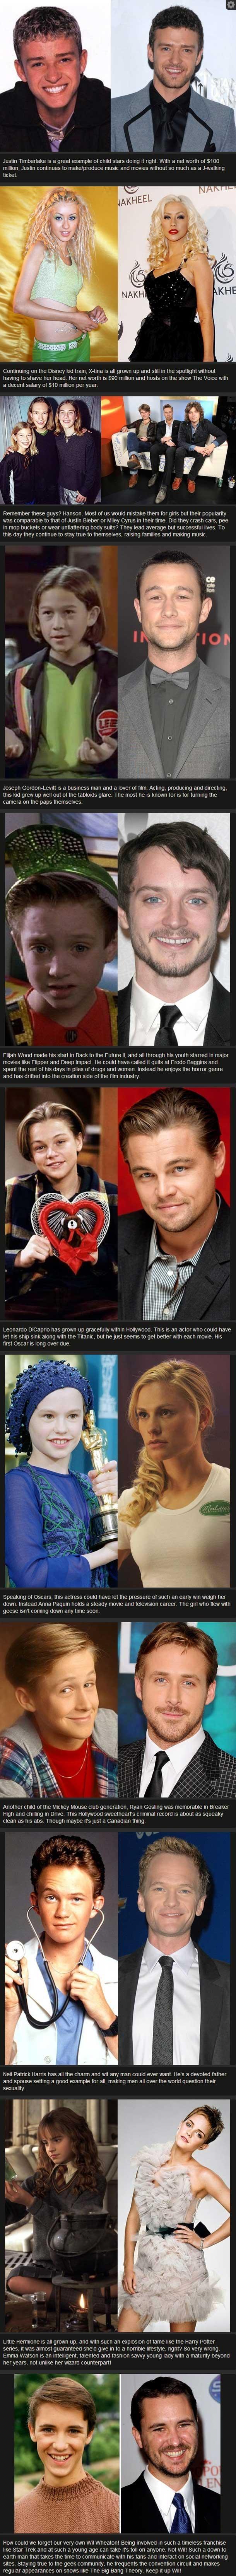 Actors past and present  | randumb | Child actors, Actor